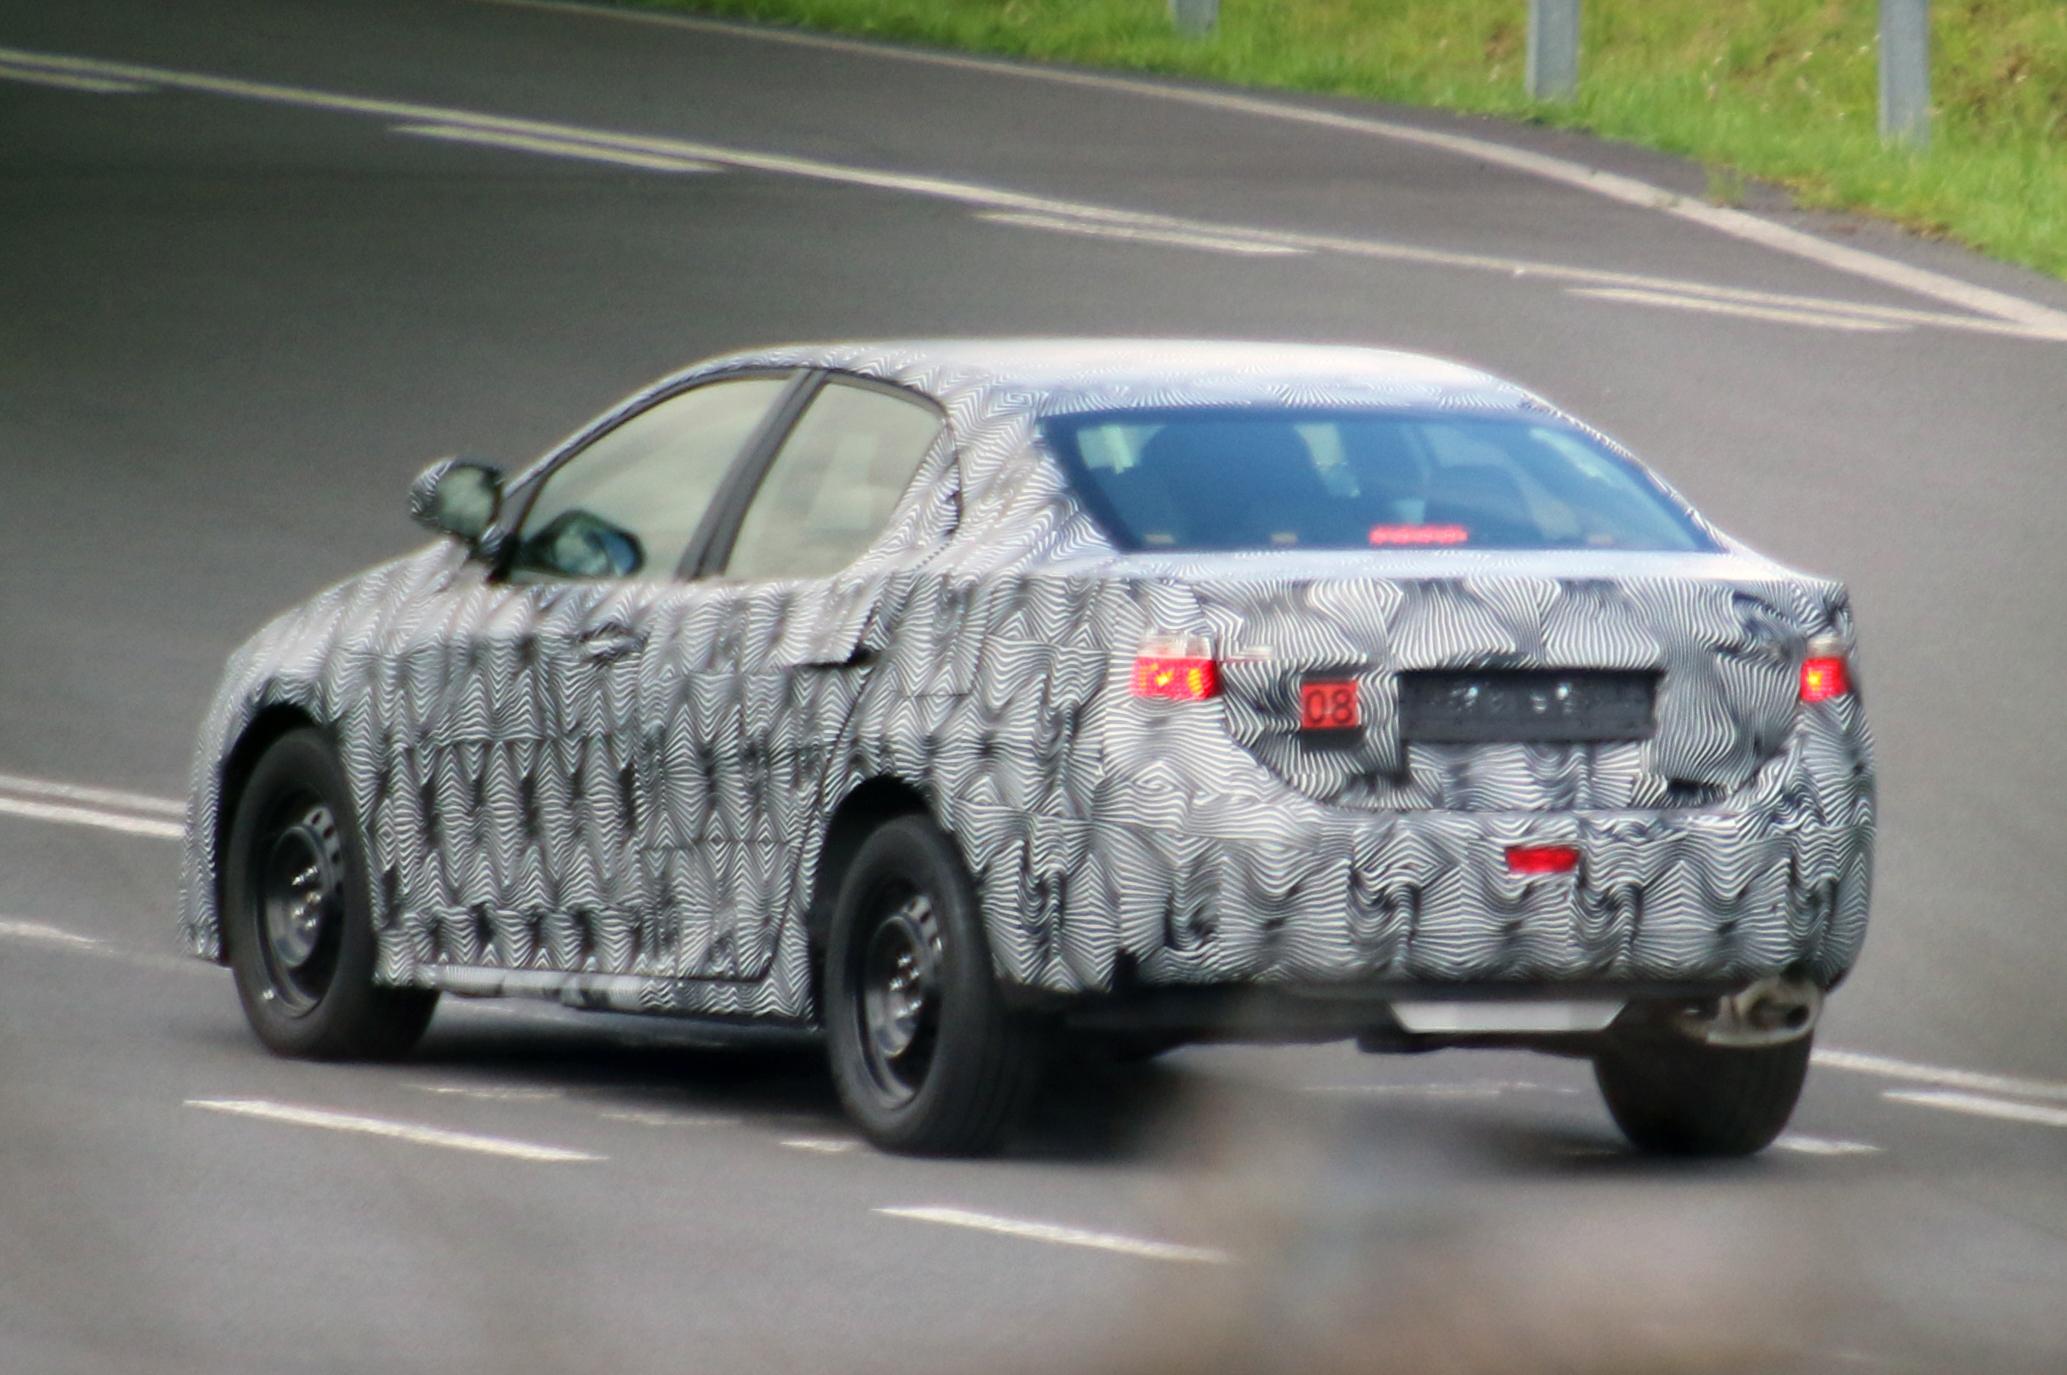 Toyota-Avensis-005